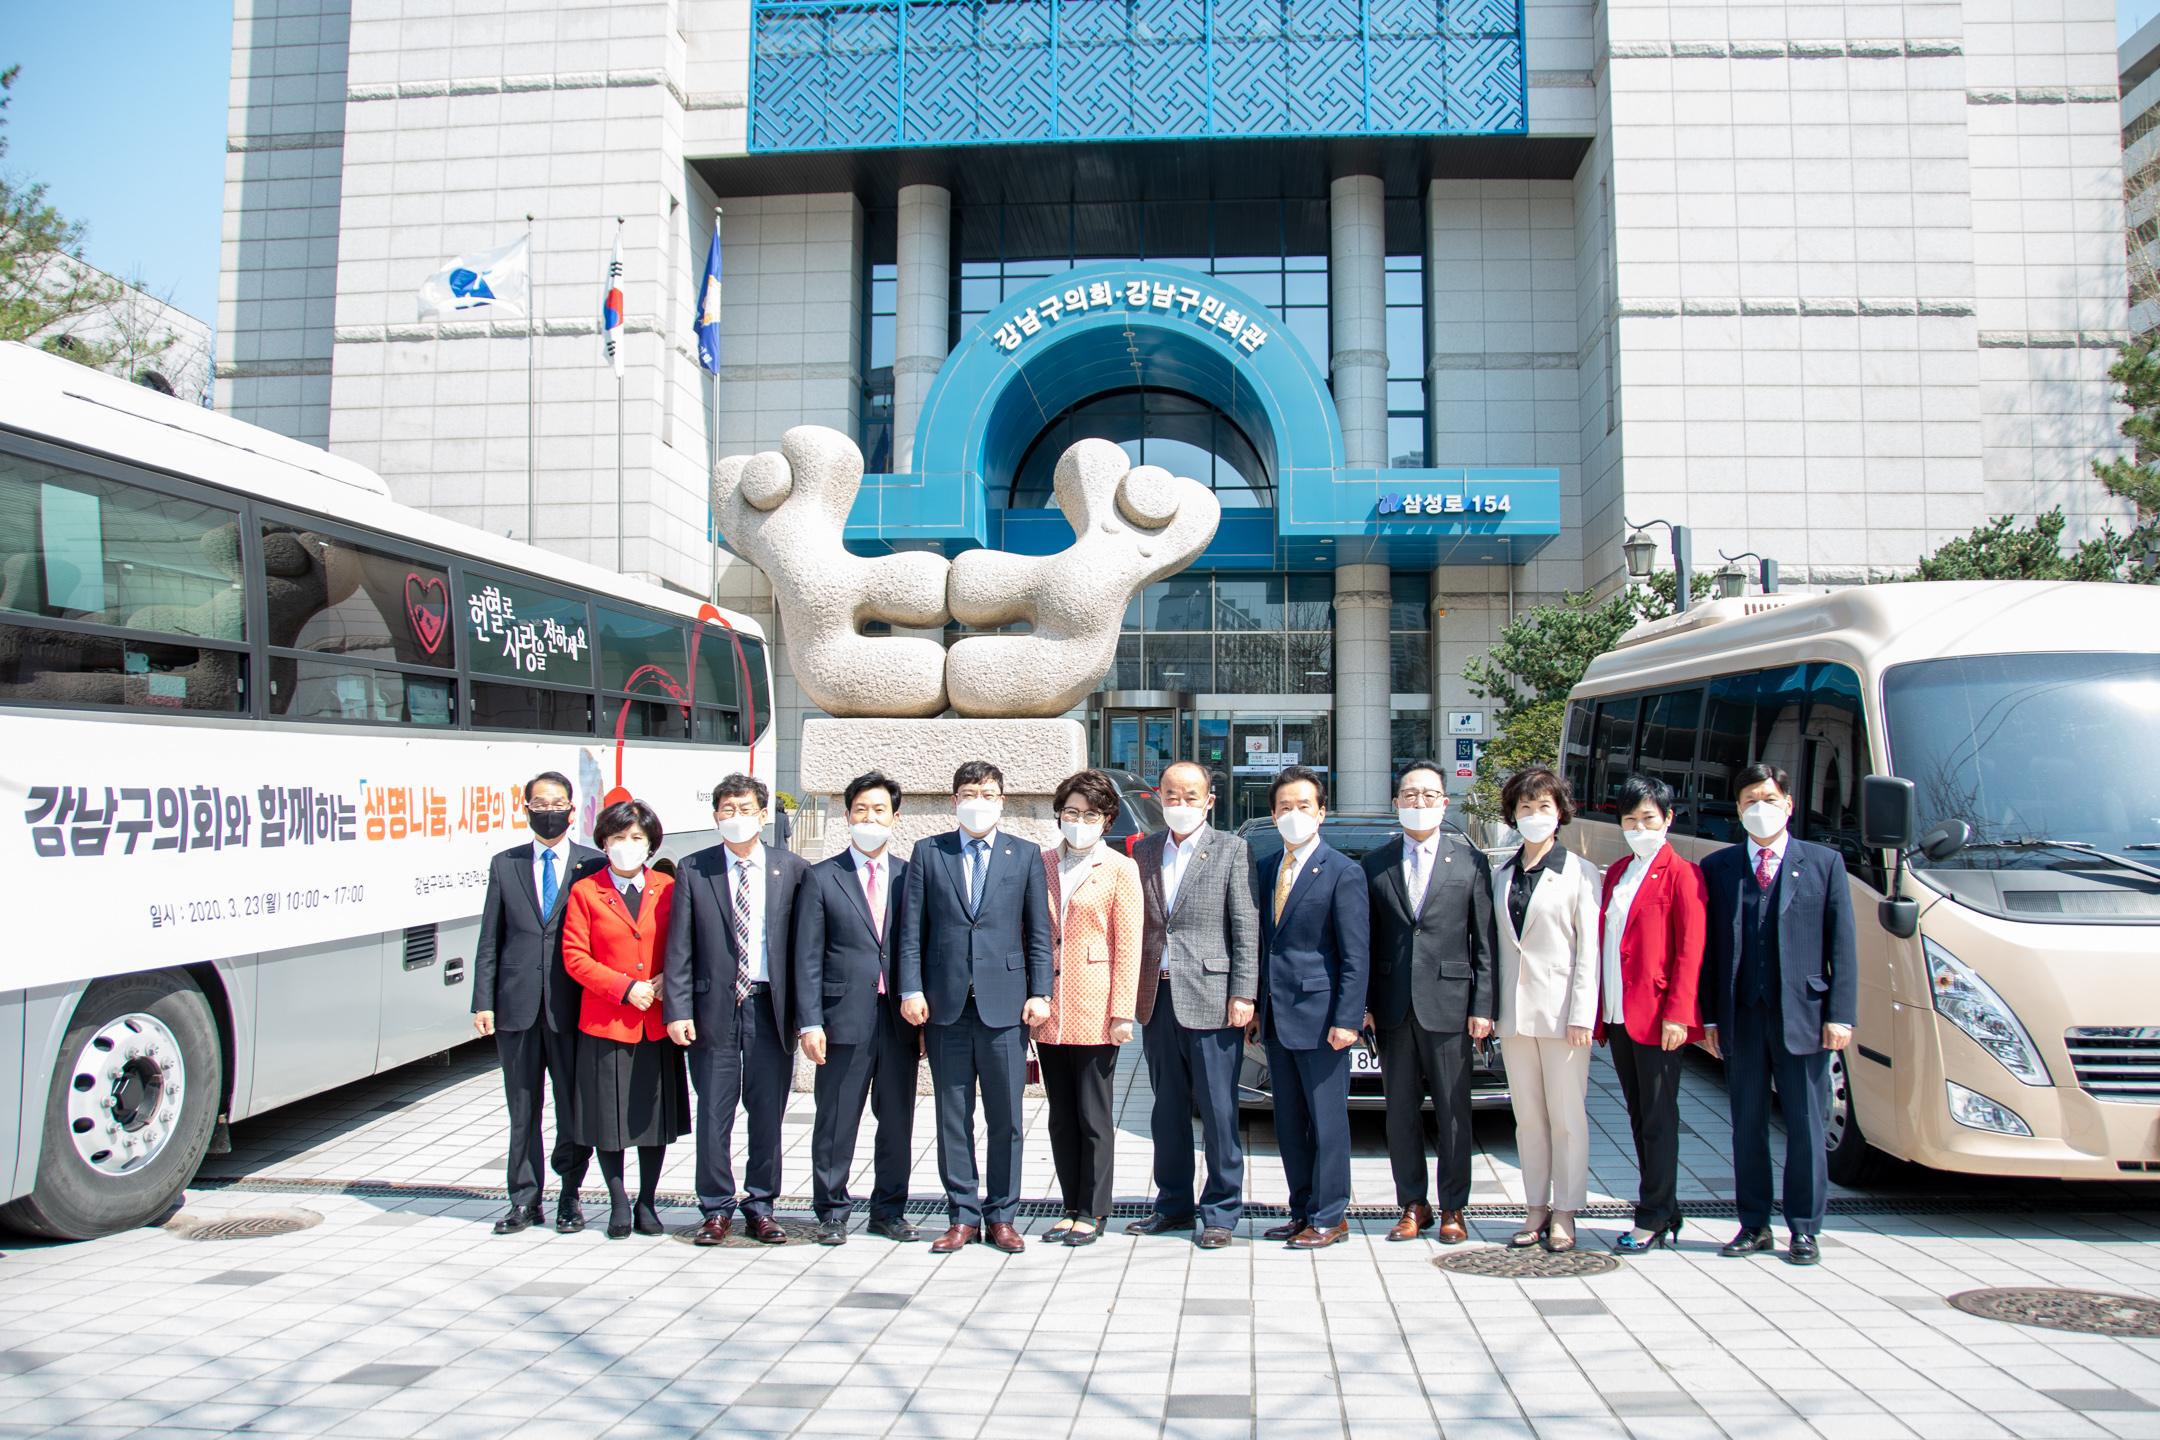 2020 '사랑의 생명나눔' 헌혈 캠페인 2020 '사랑의 생명나눔' 헌혈 캠페인(2).jpg